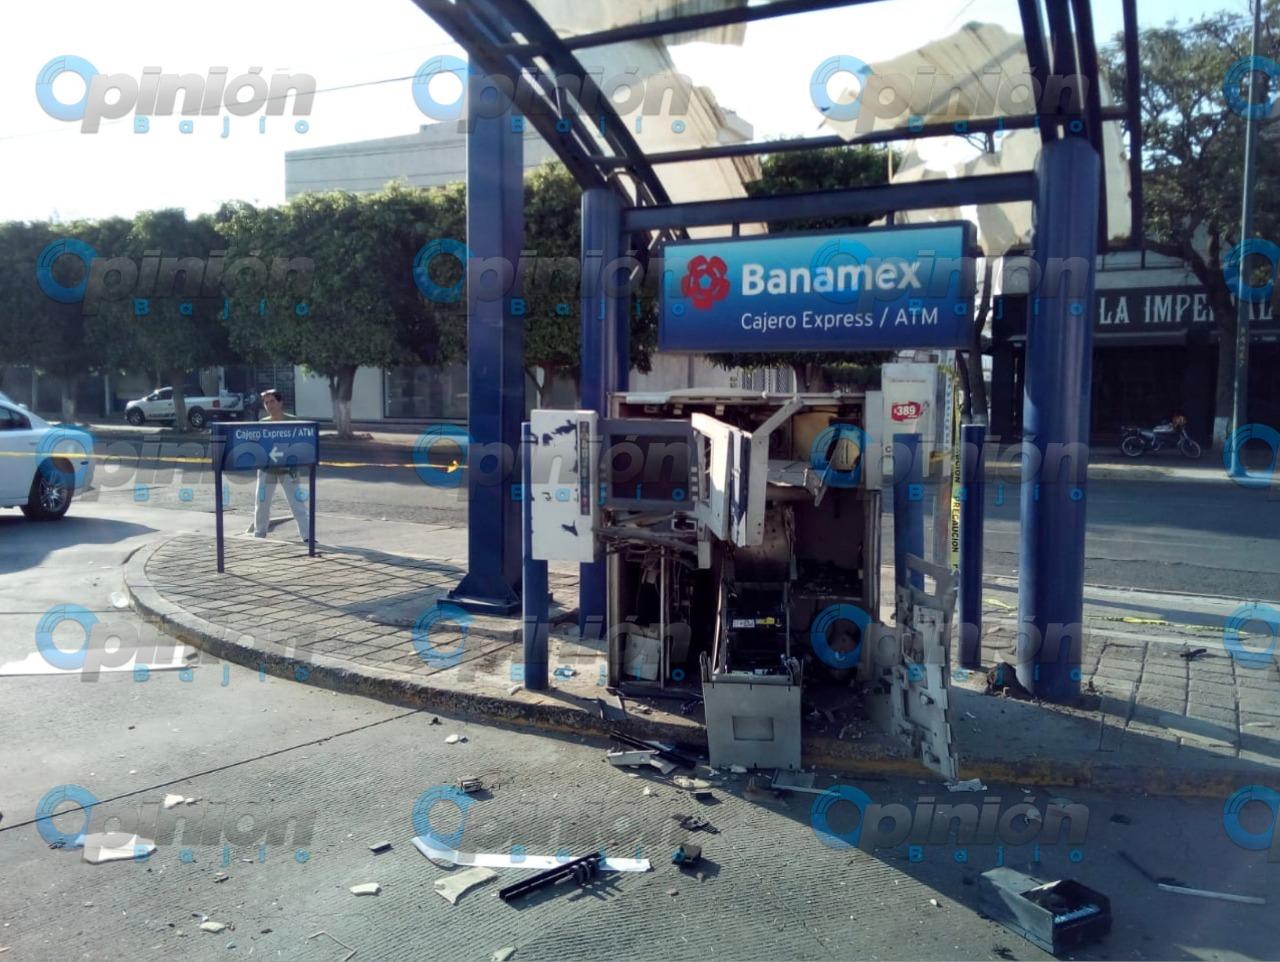 Explosivos usados en robo de cajero automático eran de pólvora: Seguridad Ciudadana; delincuentes huyeron en motos